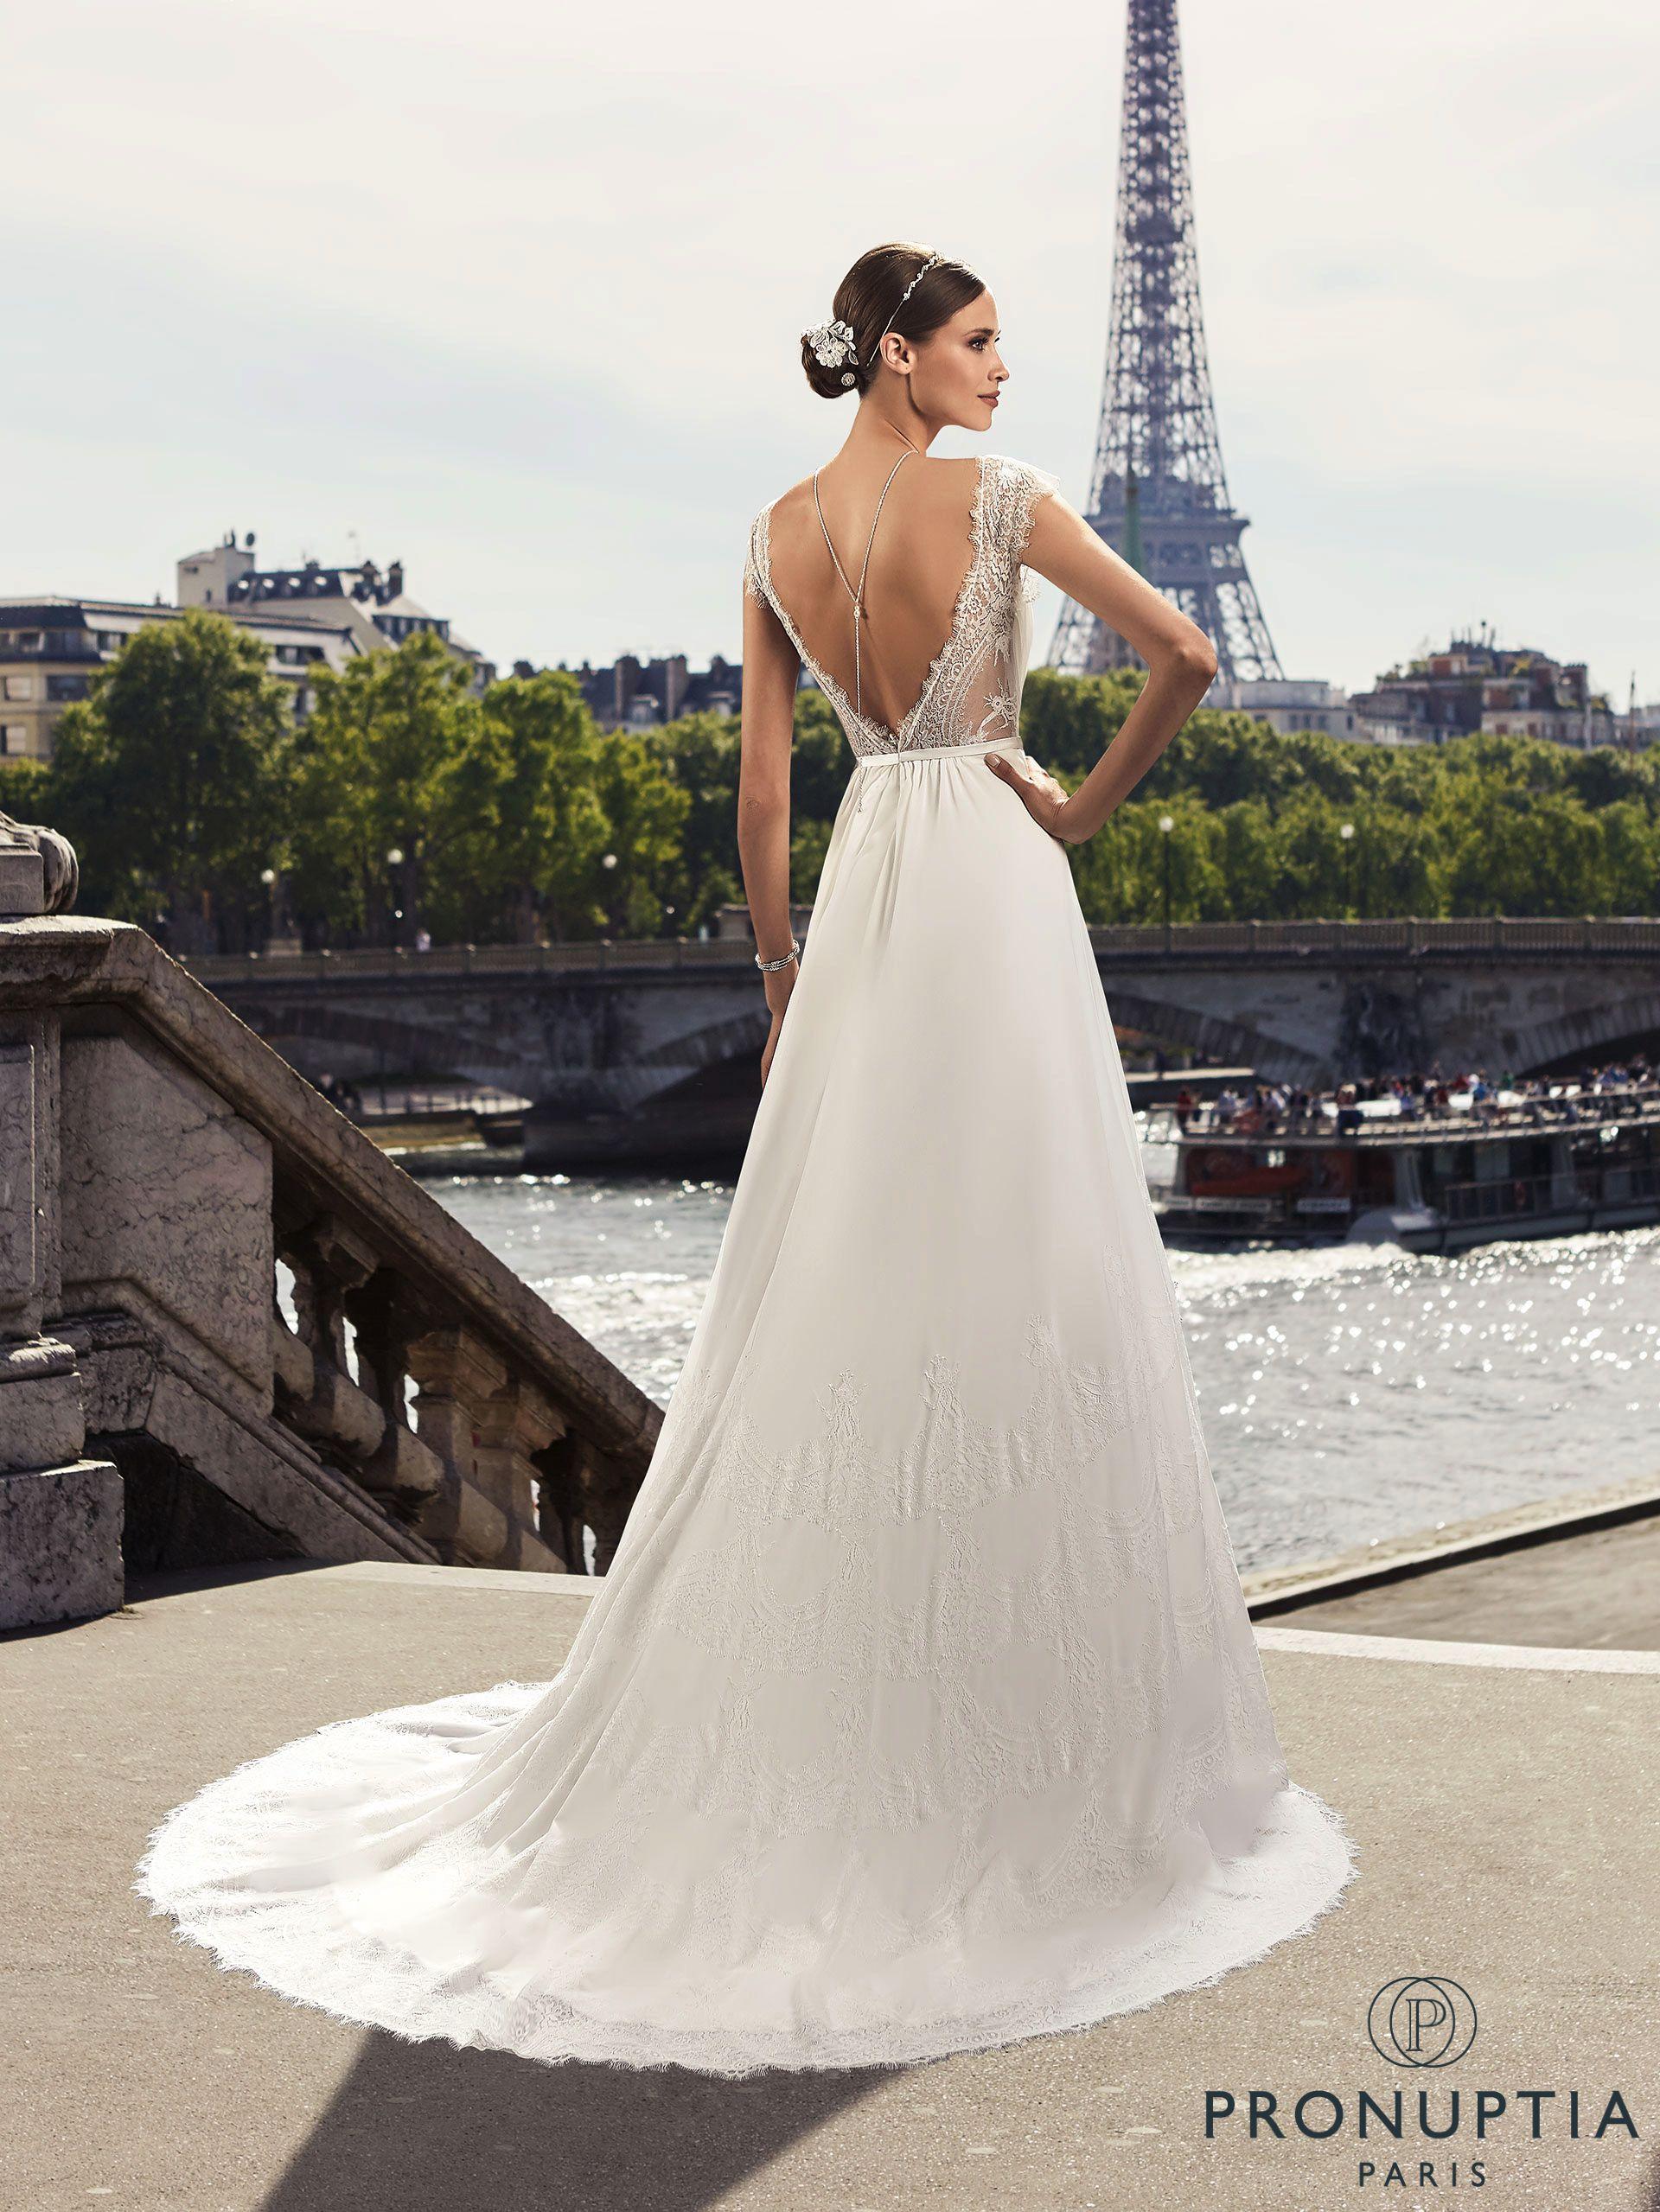 Villette Collection De Robes De Mariée Pronuptia